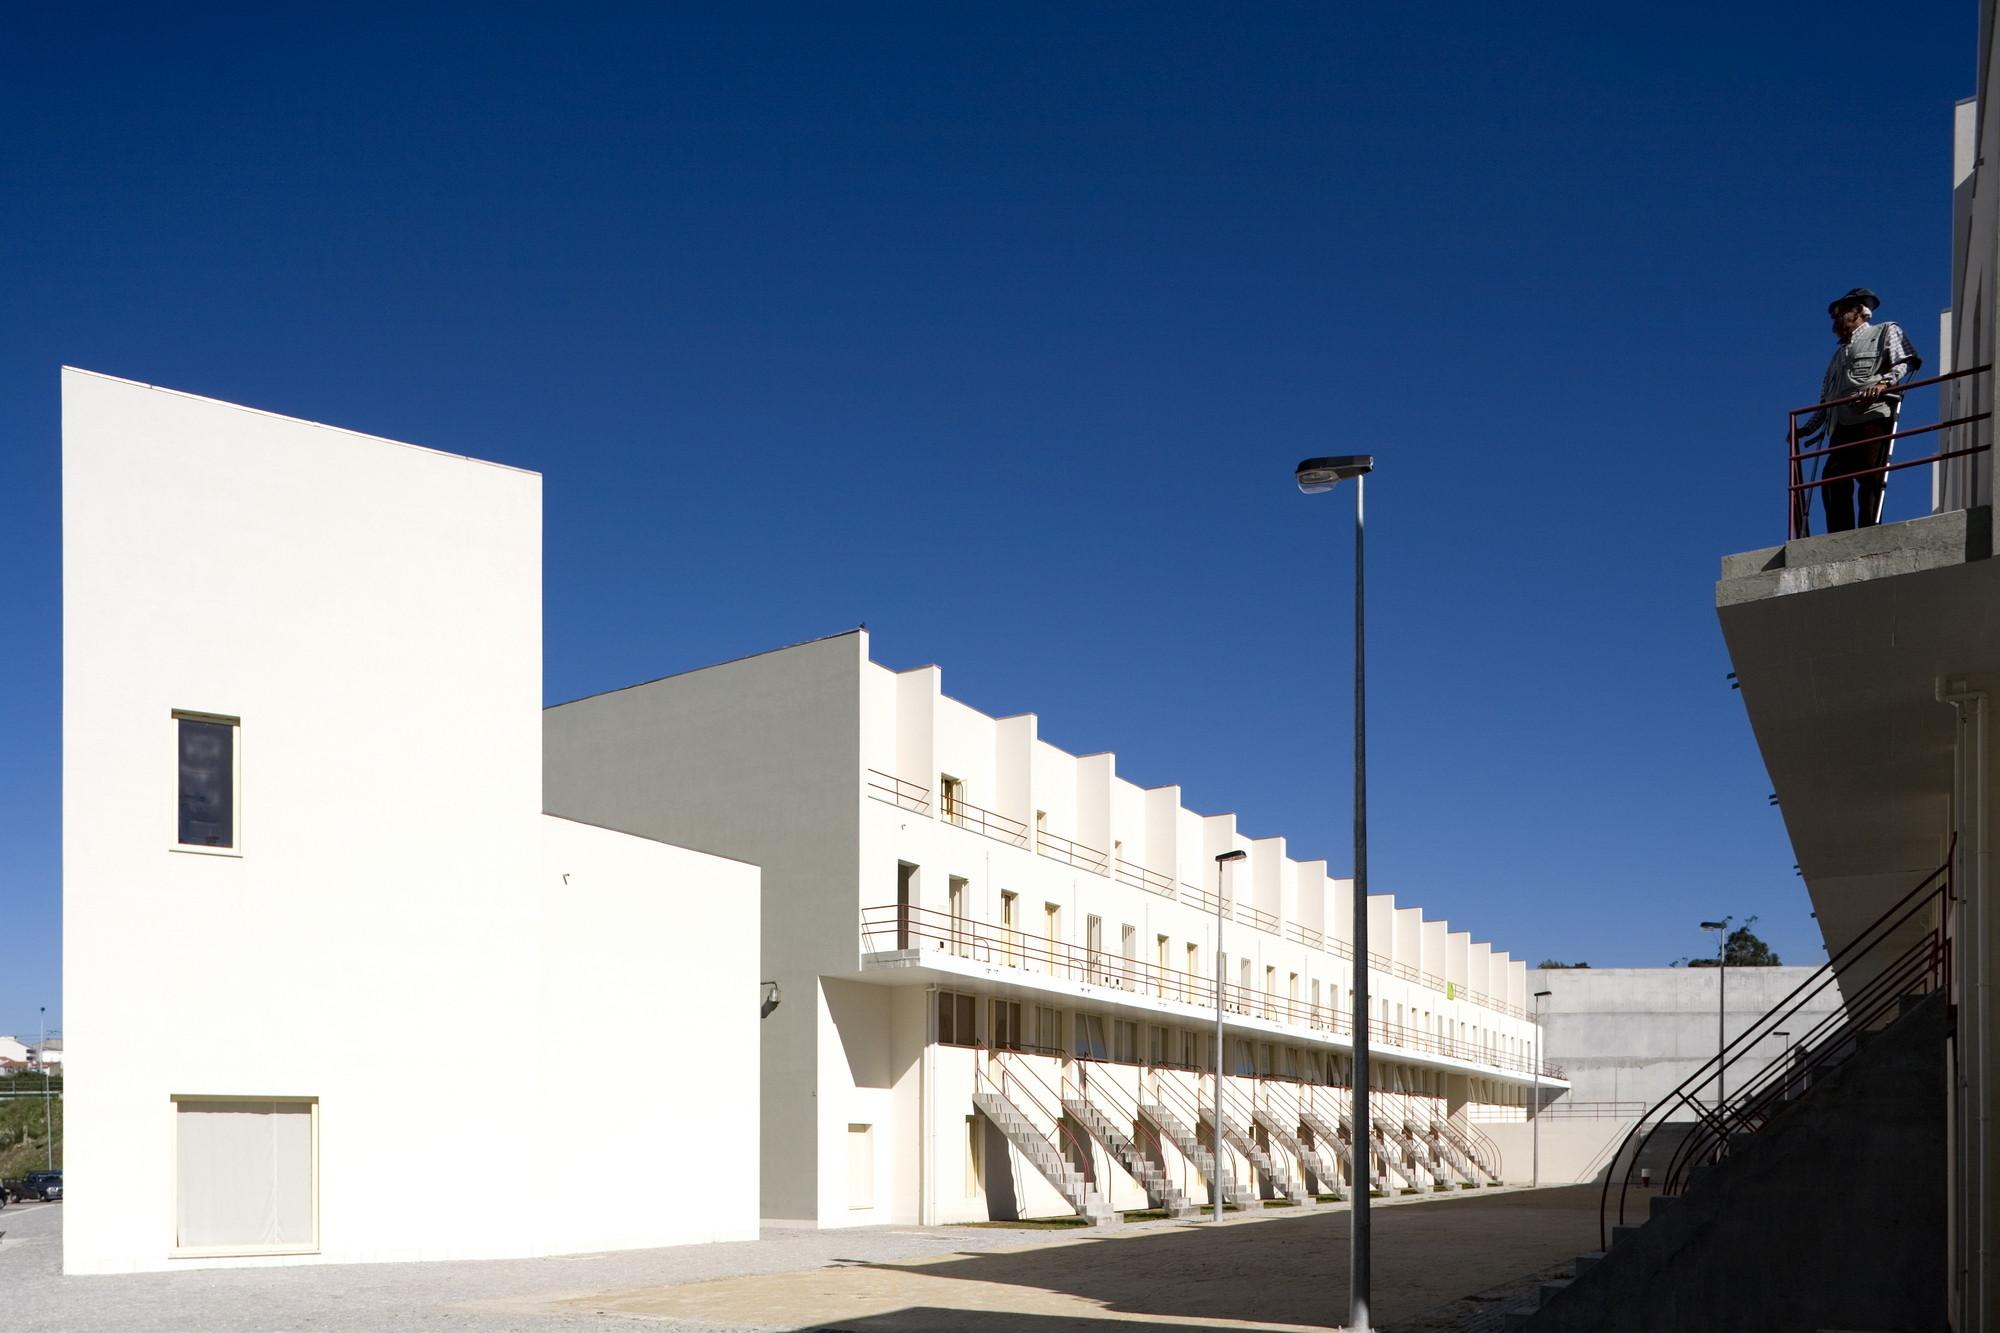 Zaida Building - Patio House - 2006. Image © Fernando Guerra | FG+SG